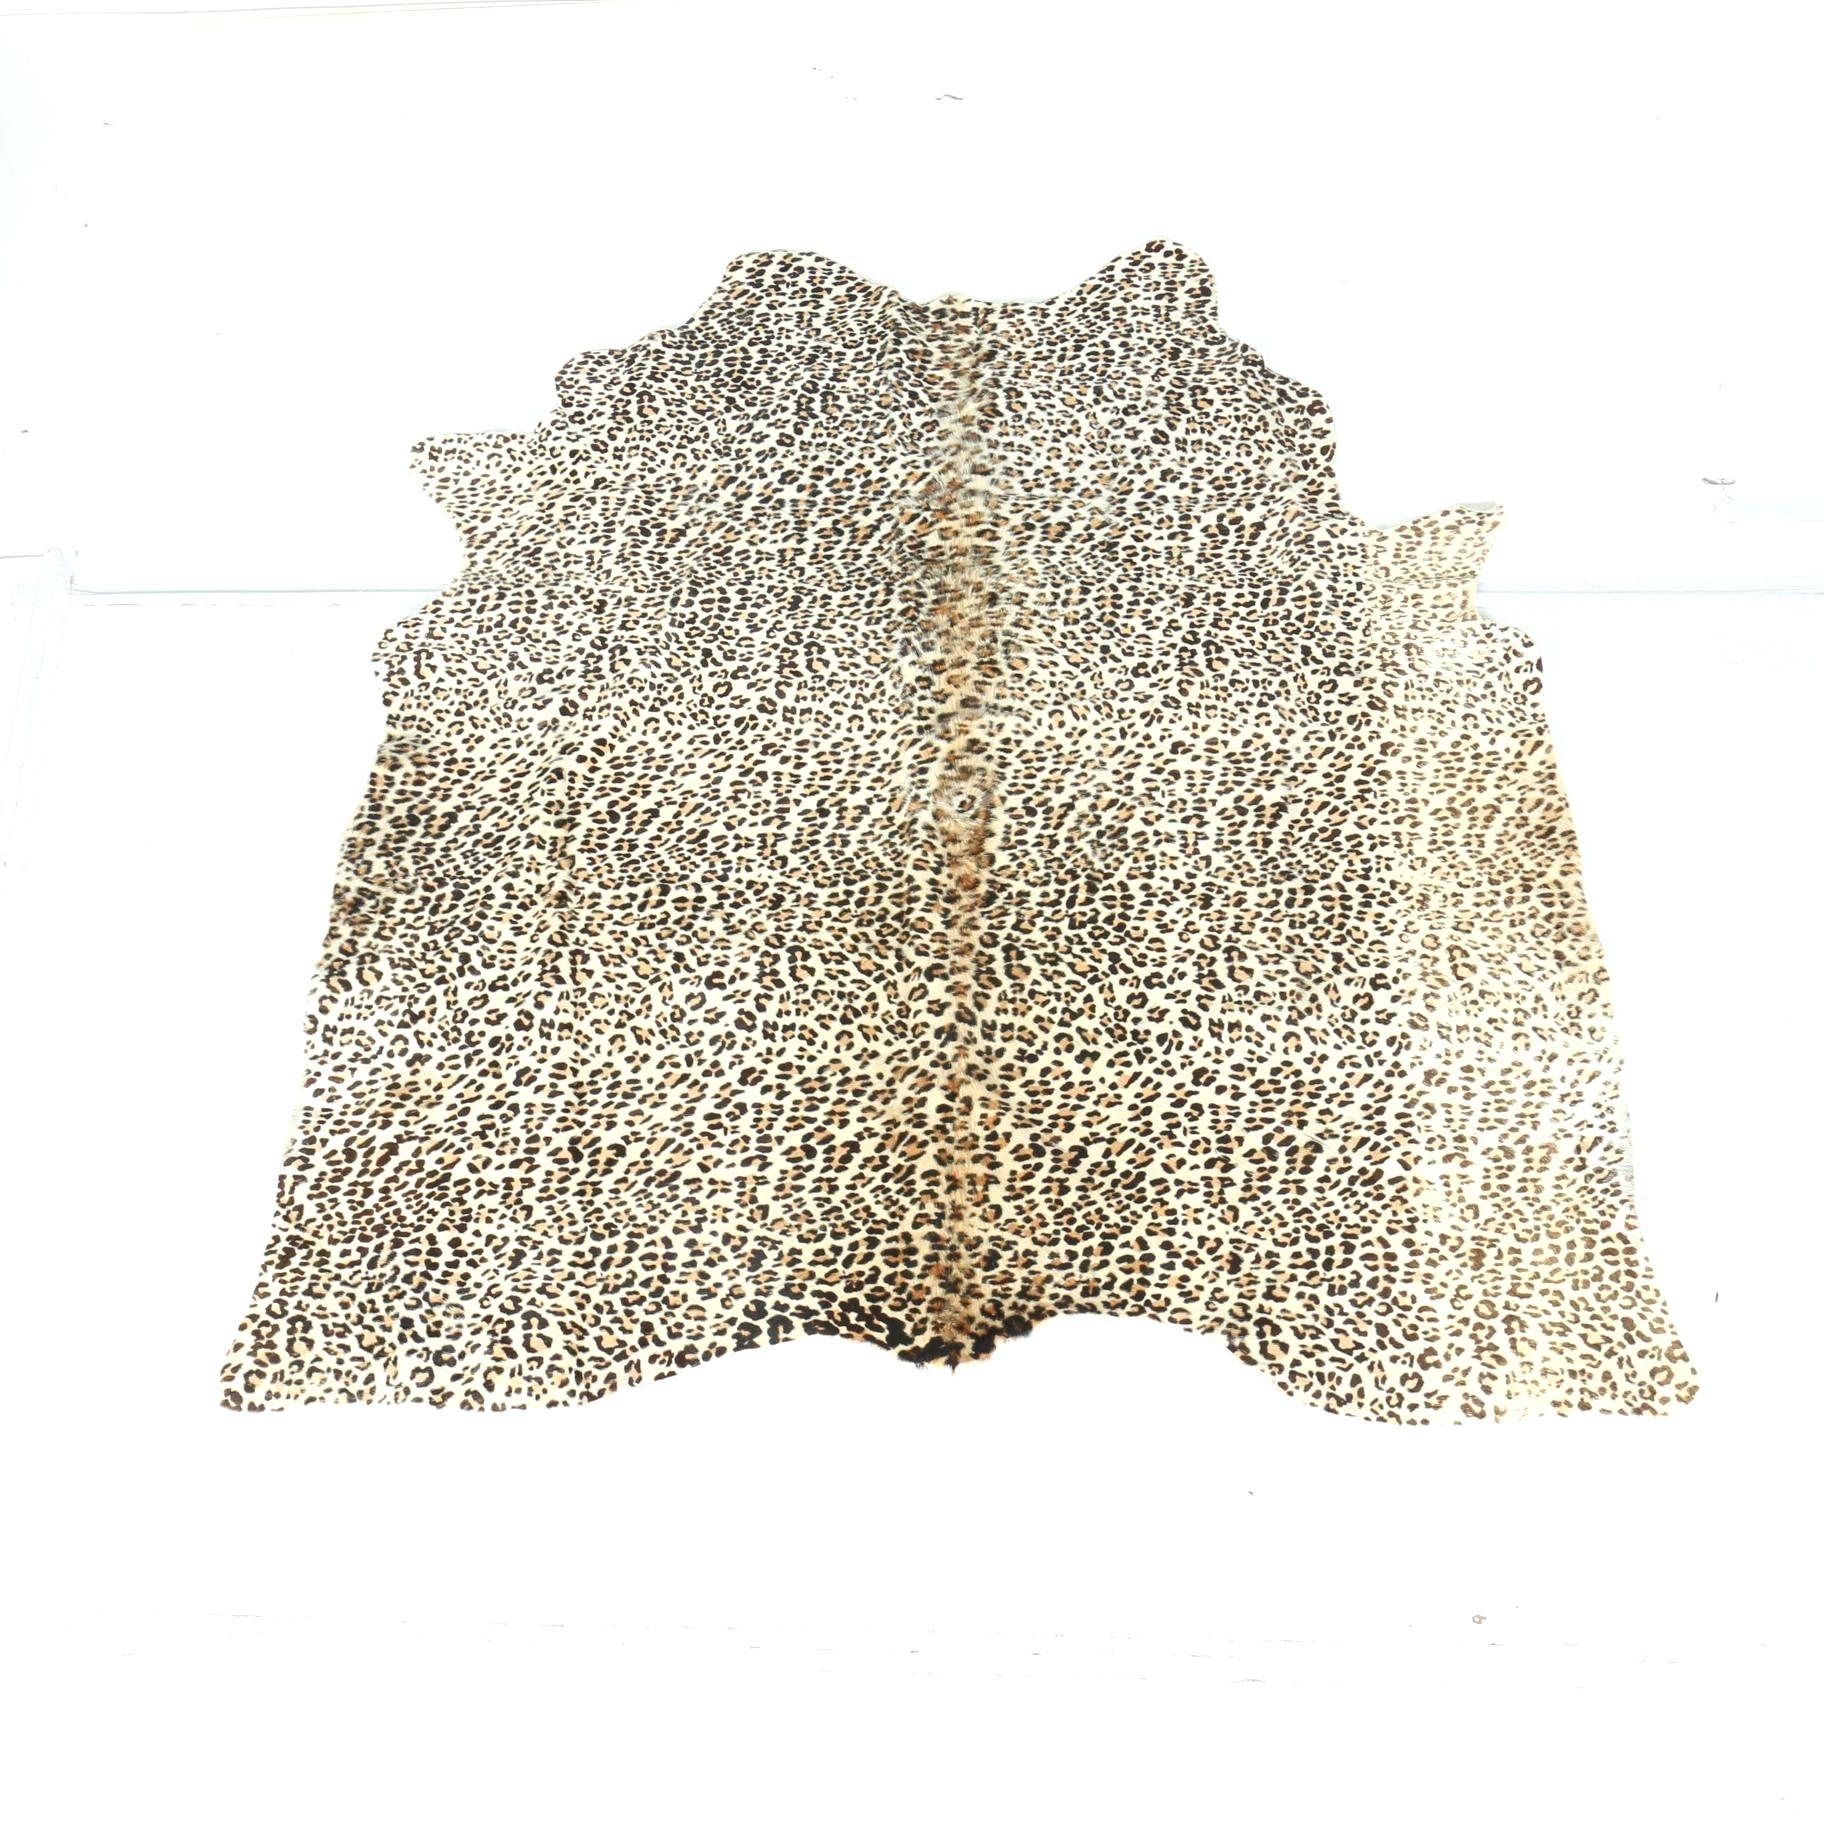 Leopard Print Cowhide Area Rug